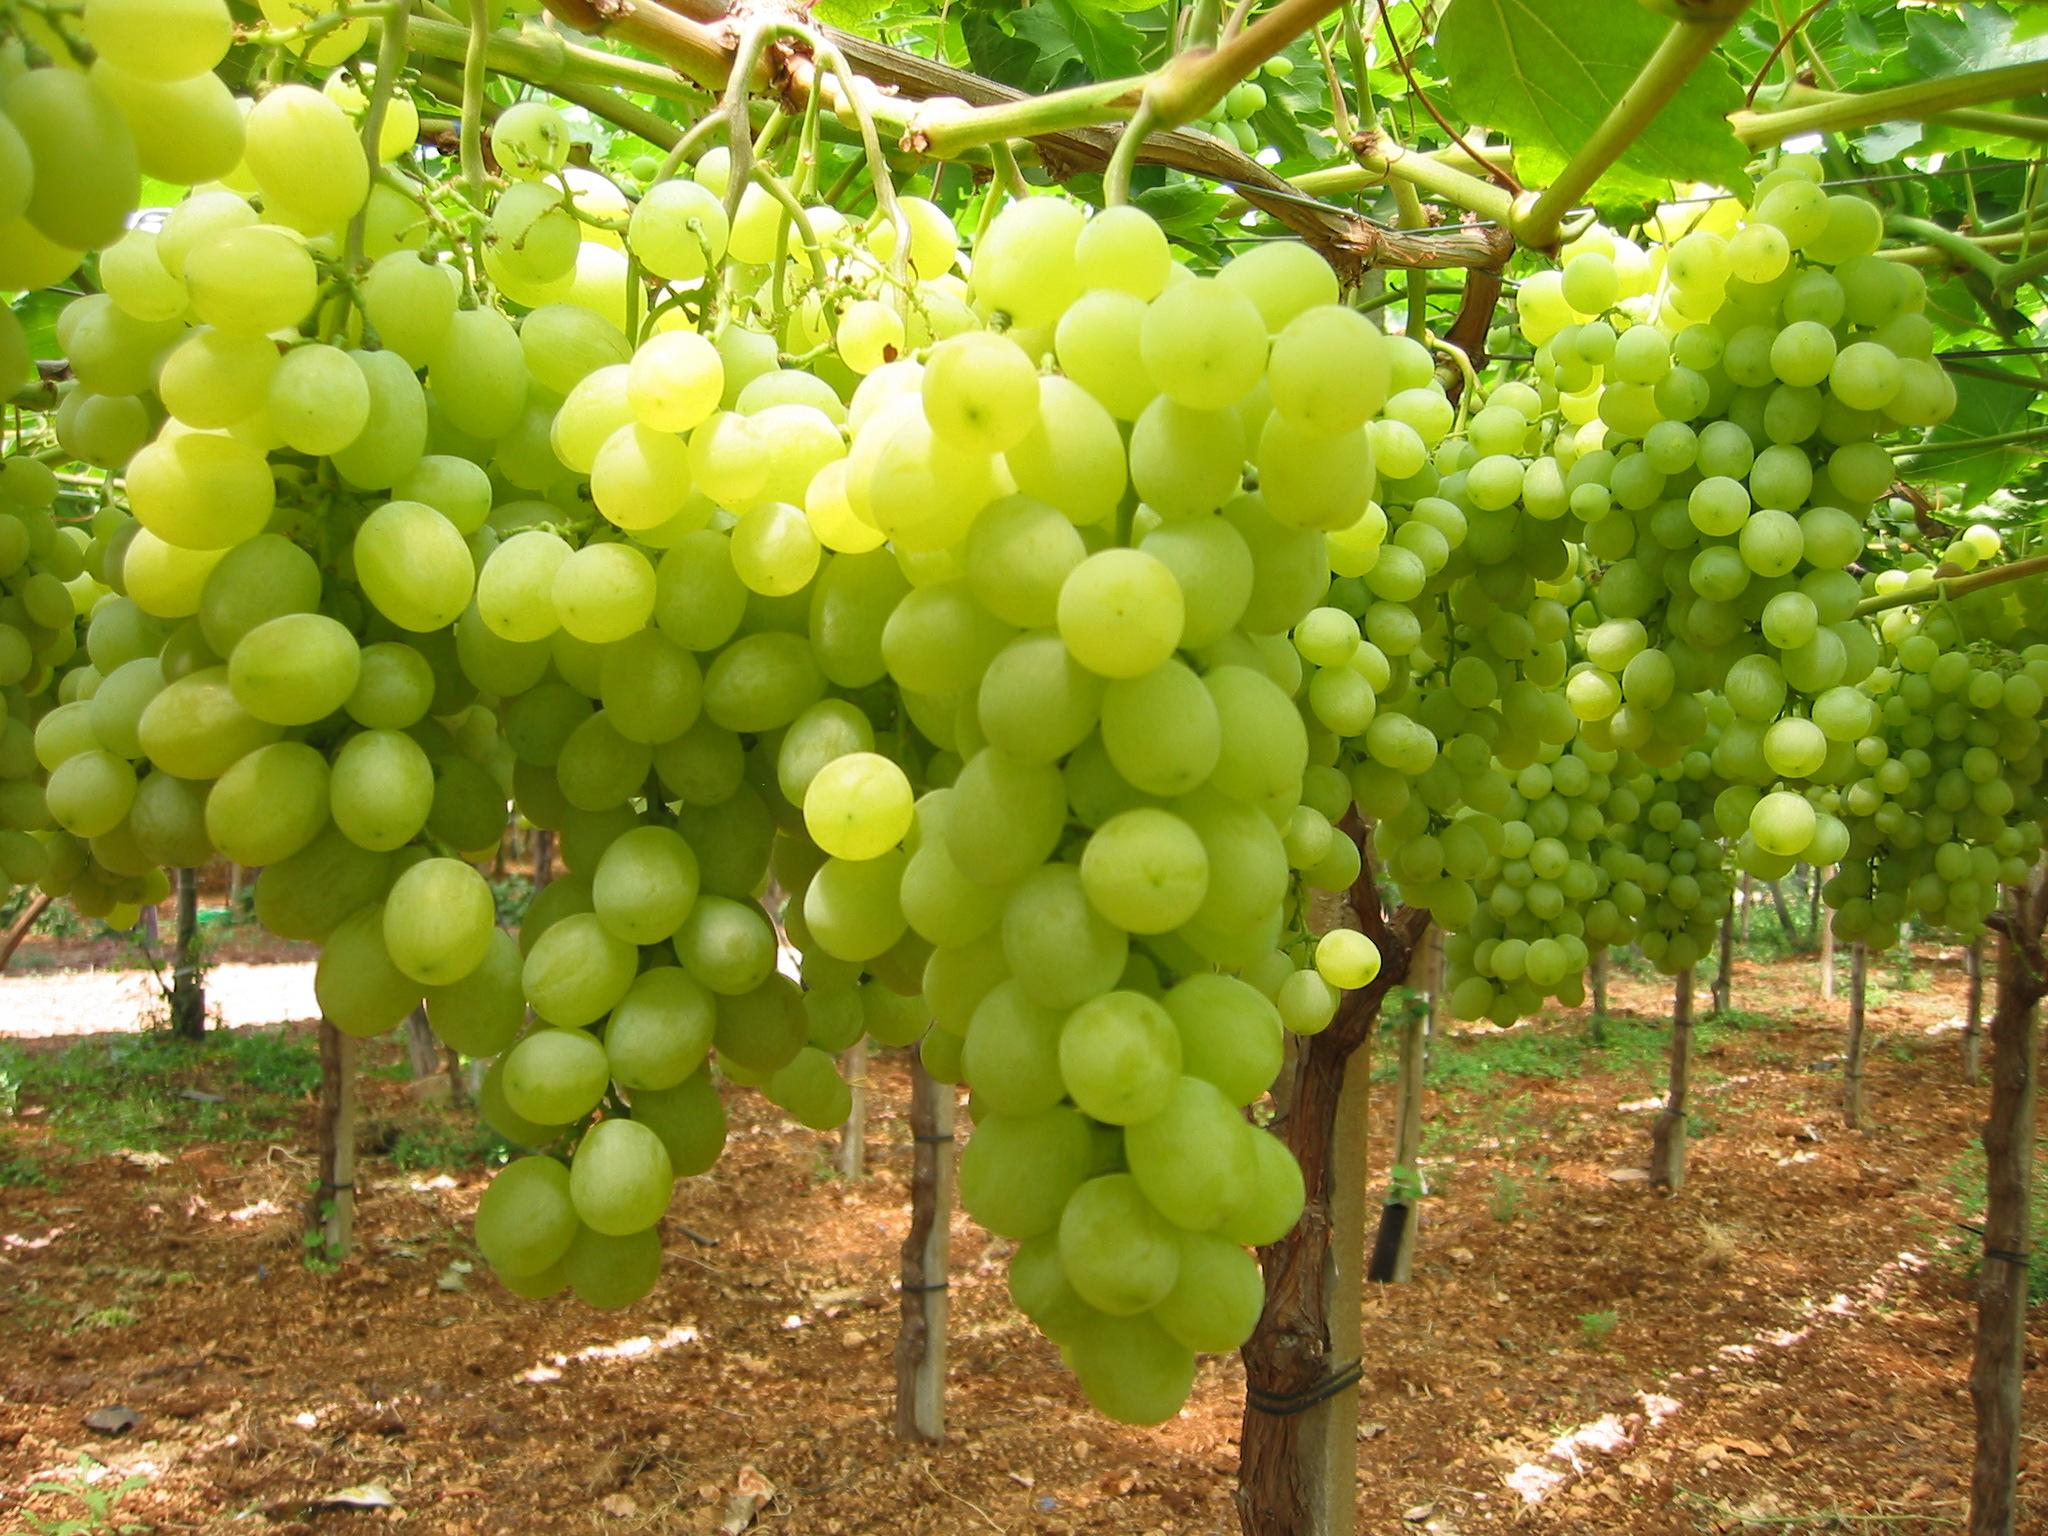 Festival internazionale dell 39 uva da tavola pronta l 39 xi - Uva da tavola di mazzarrone ...